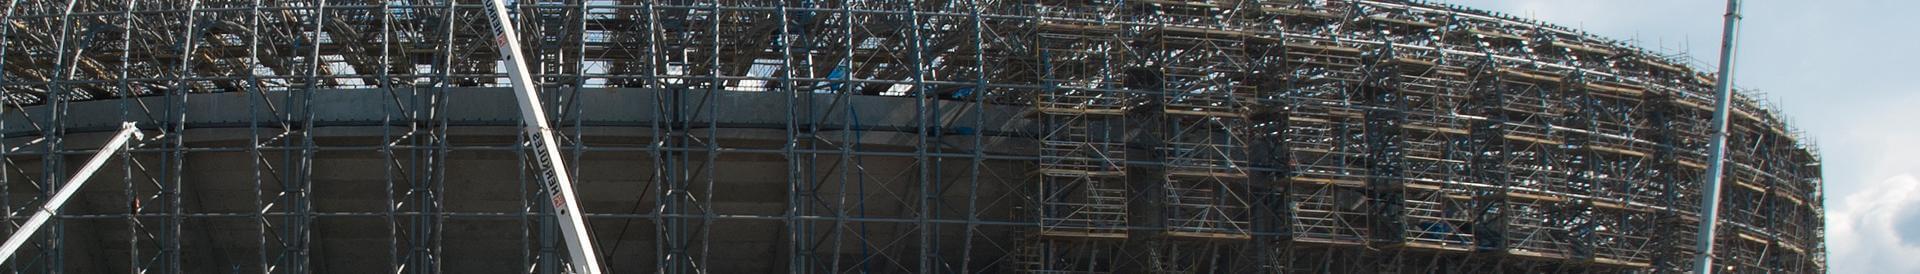 Budowa stalowego rusztowania